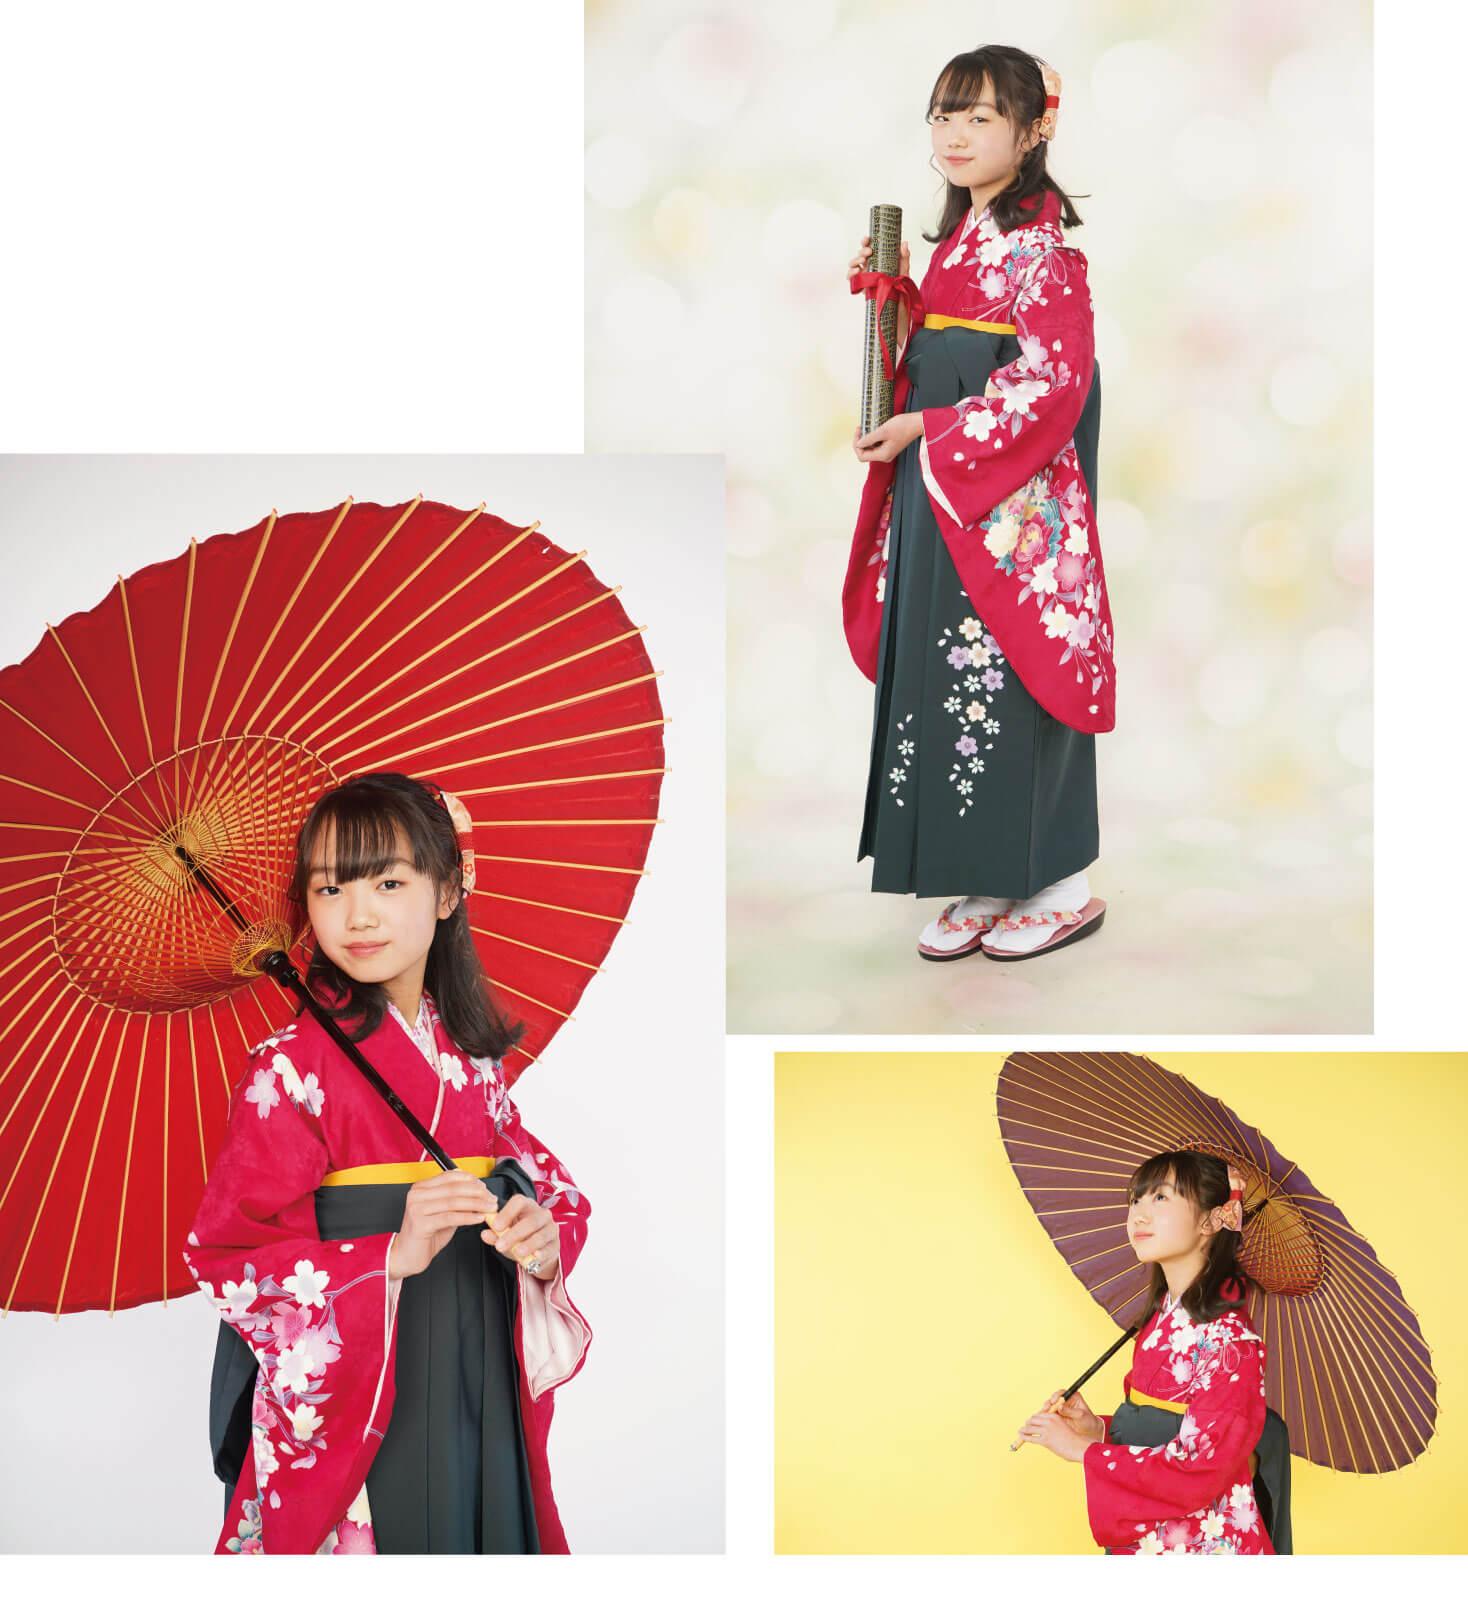 赤い袴姿で前撮りする小学生